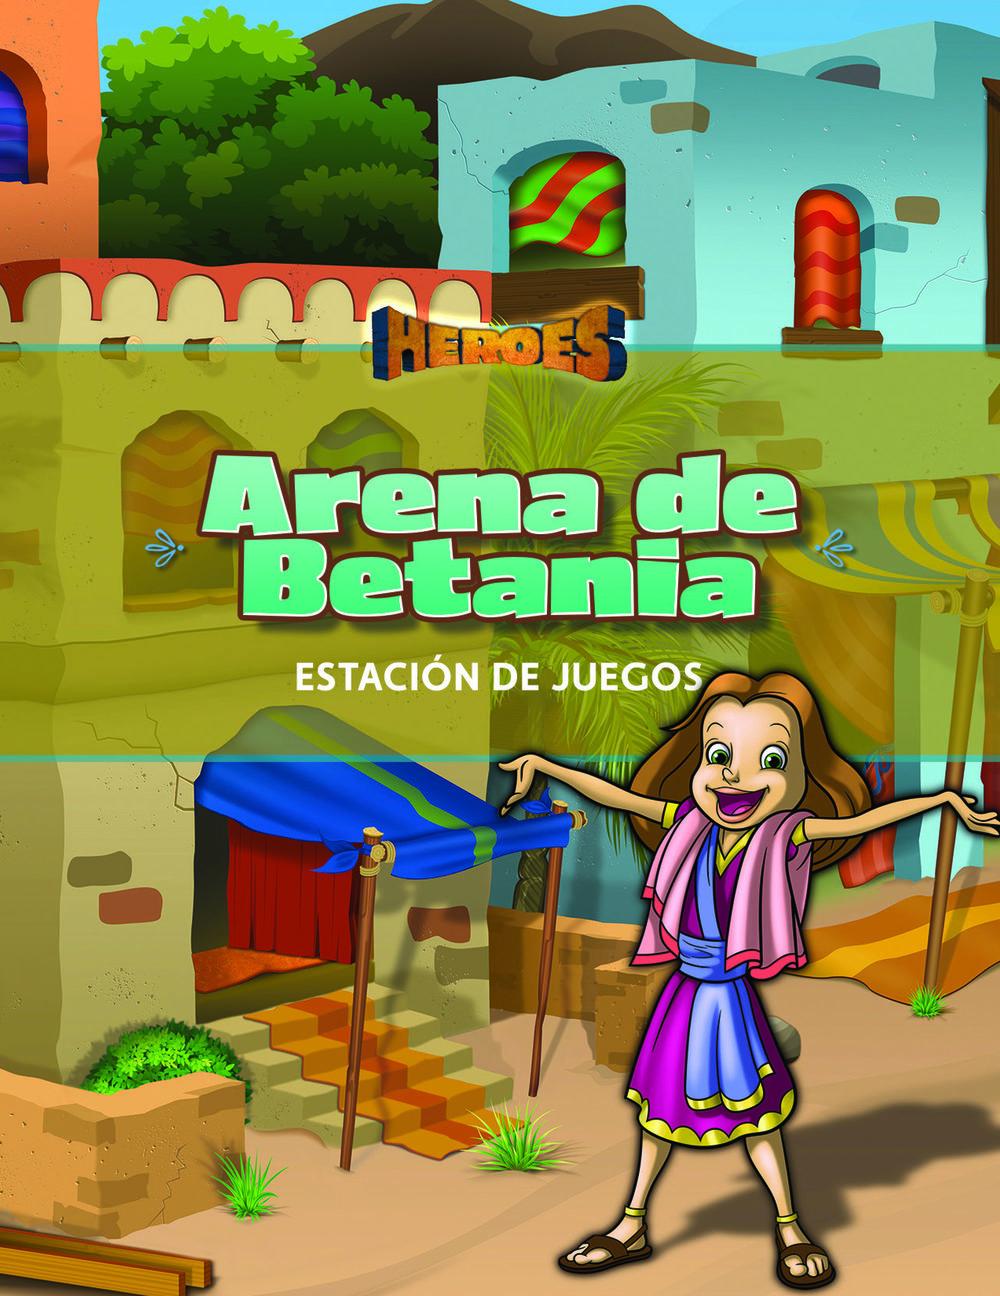 EBV 20 Héroes | Arena de Betania (Estación de juegos)